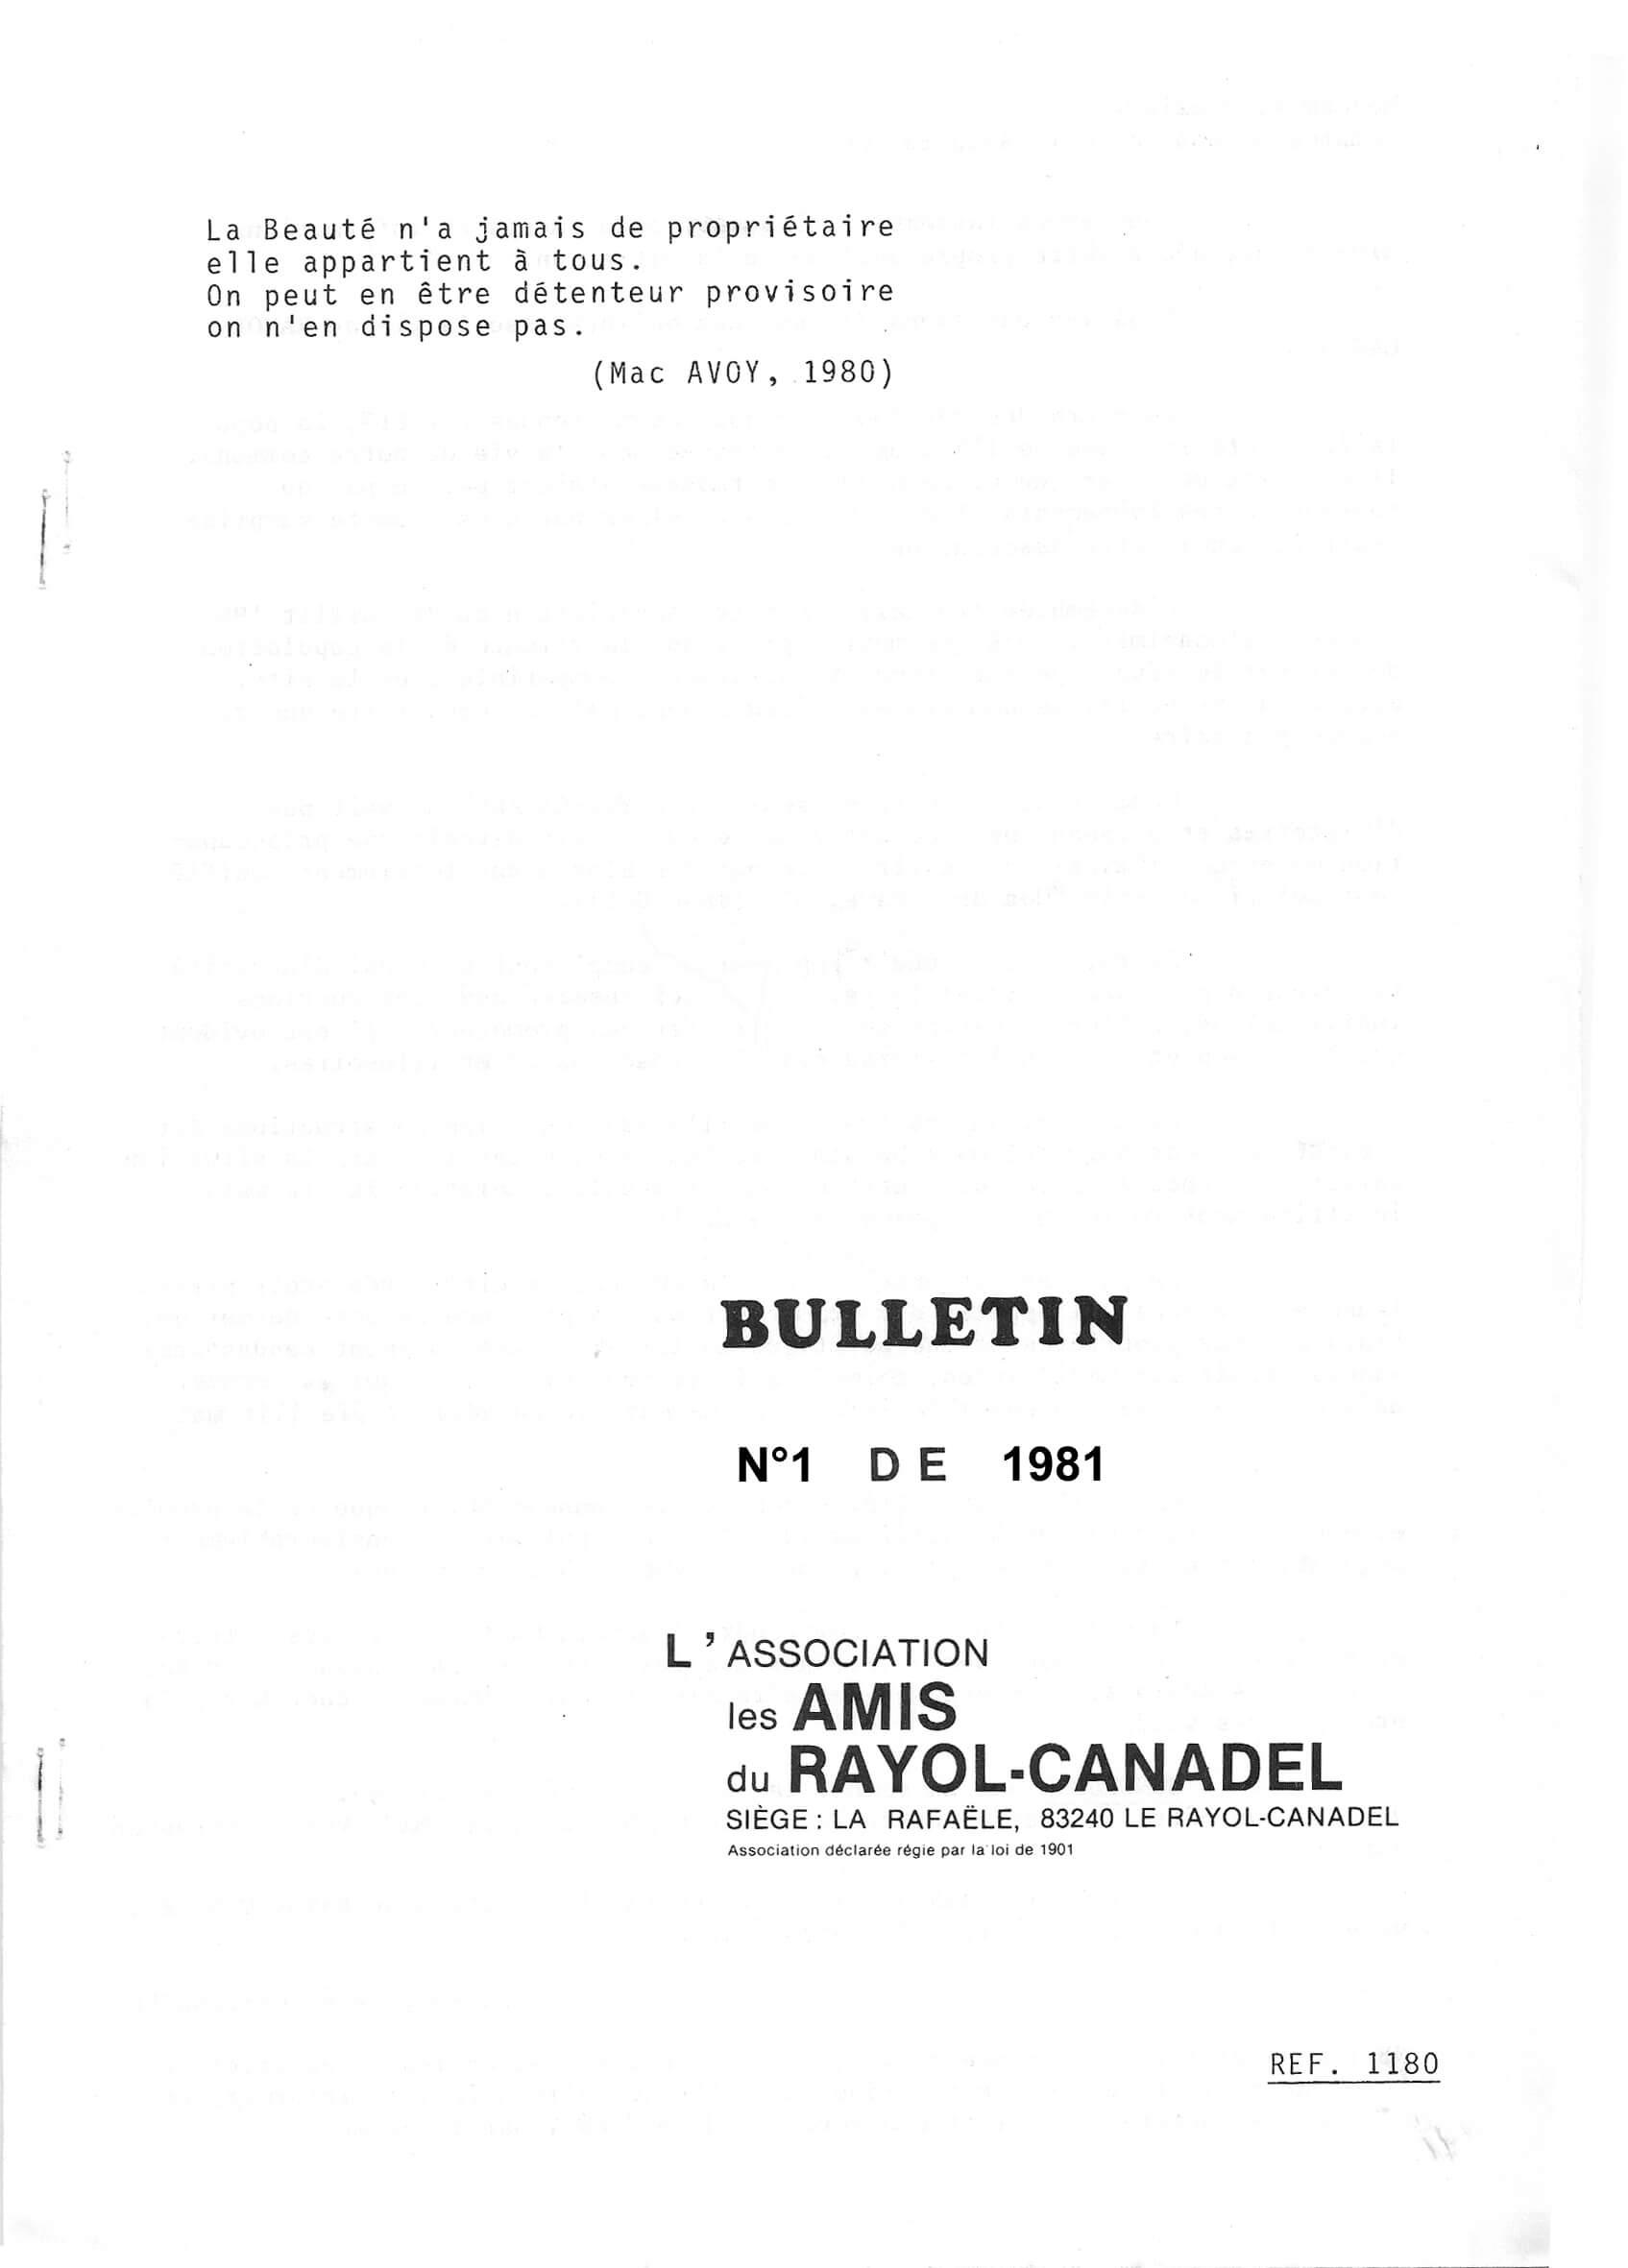 Lettre d'information N°1 de 1981